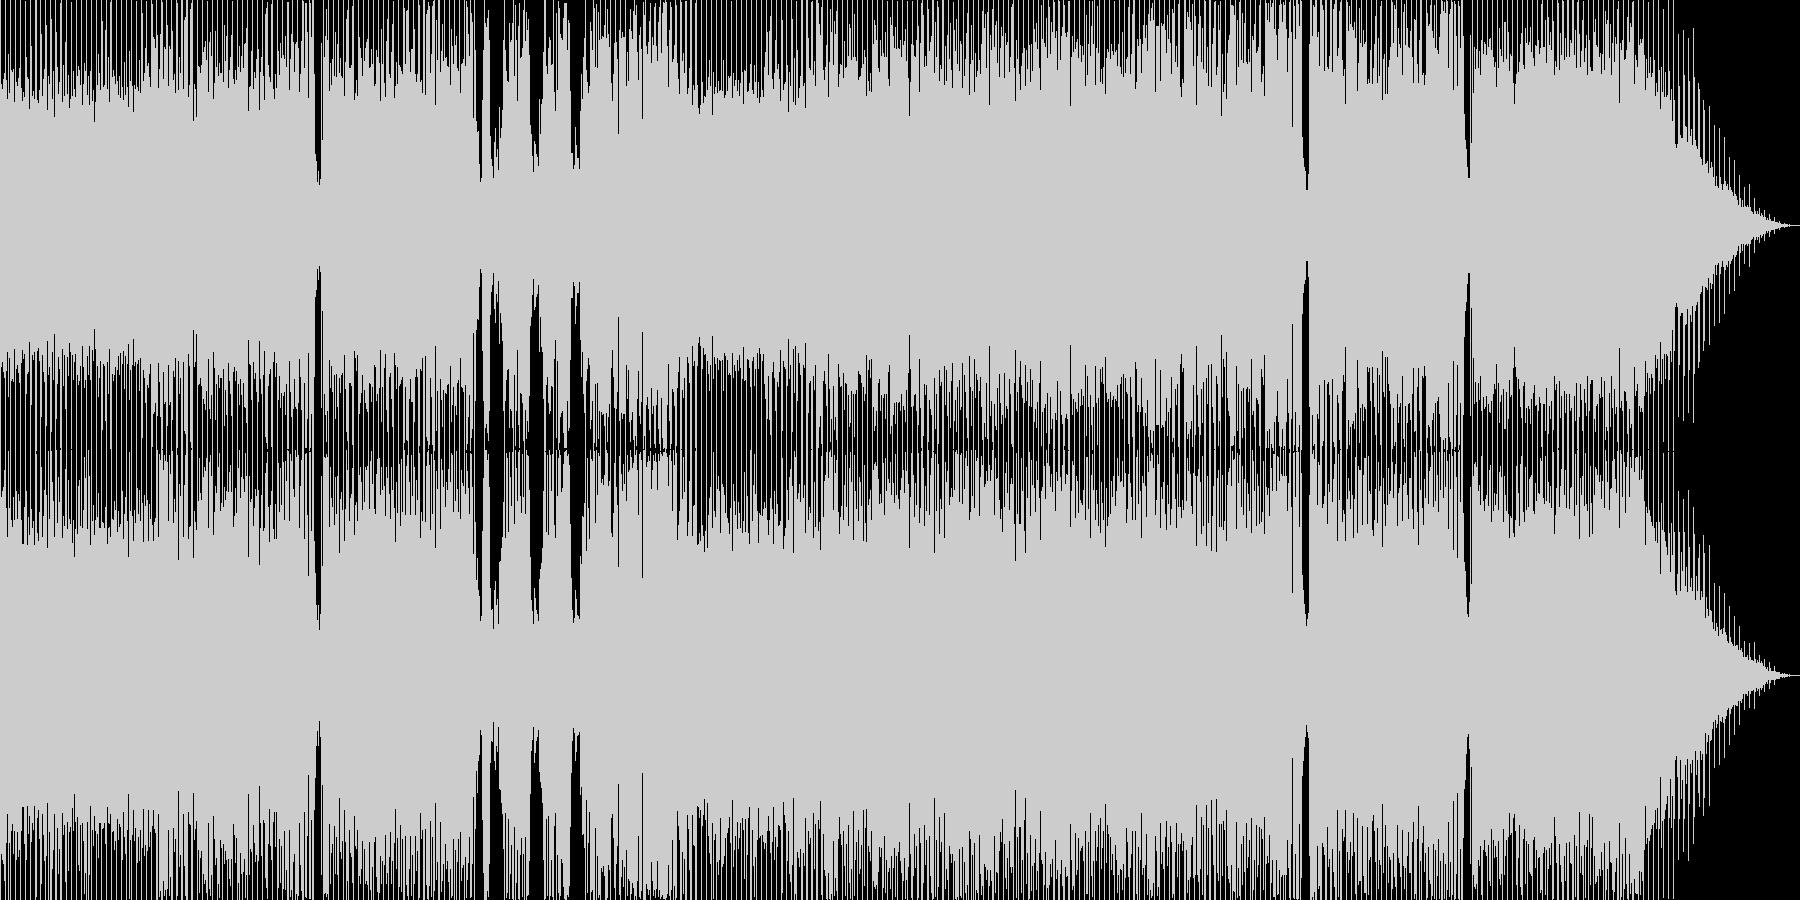 軽い4つうちリズムで心が弾む曲の未再生の波形